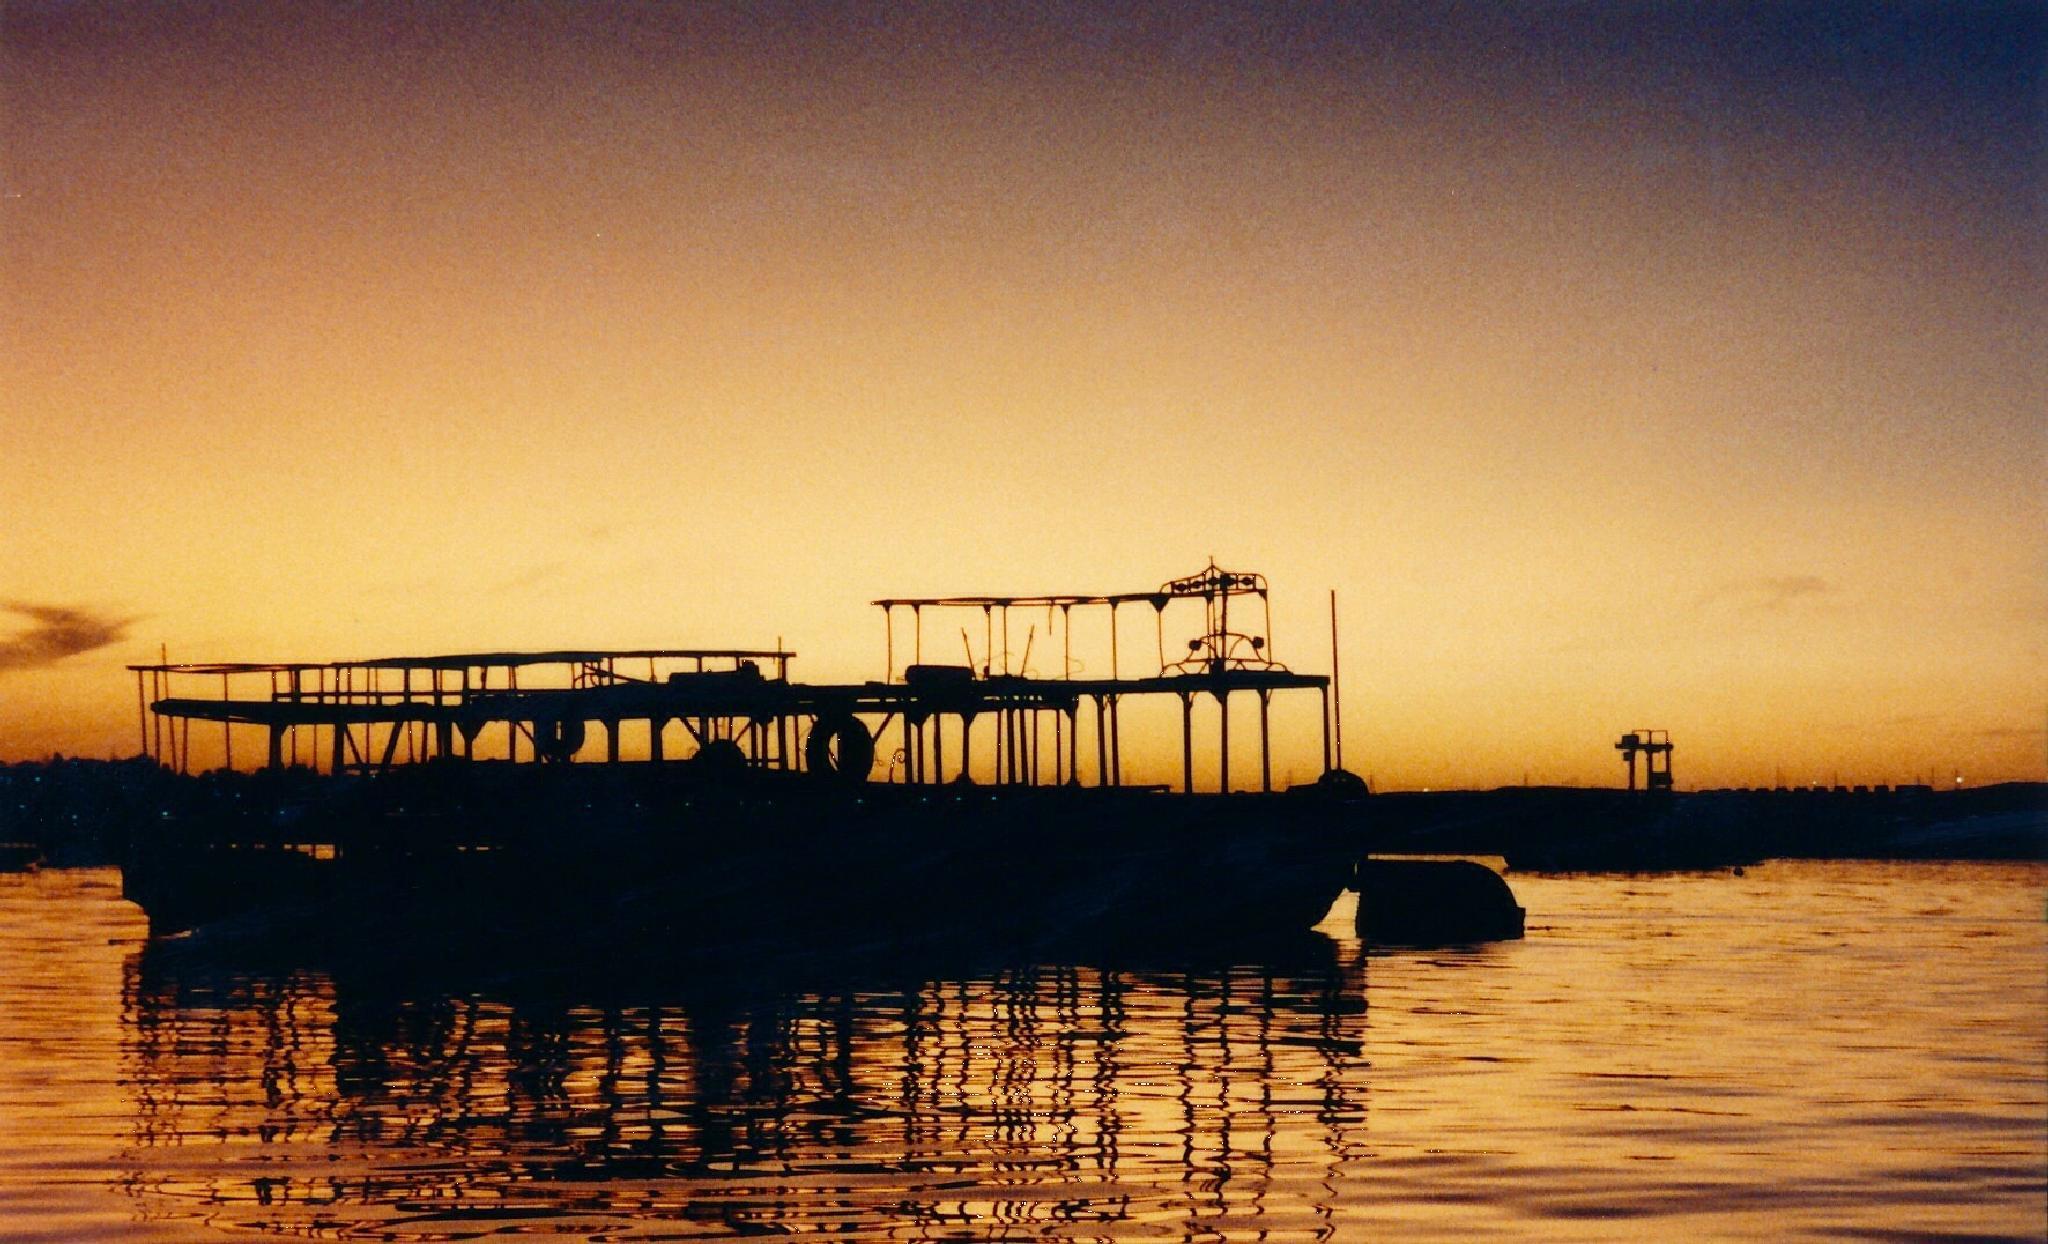 Sunset on the Nile by djaffar adane